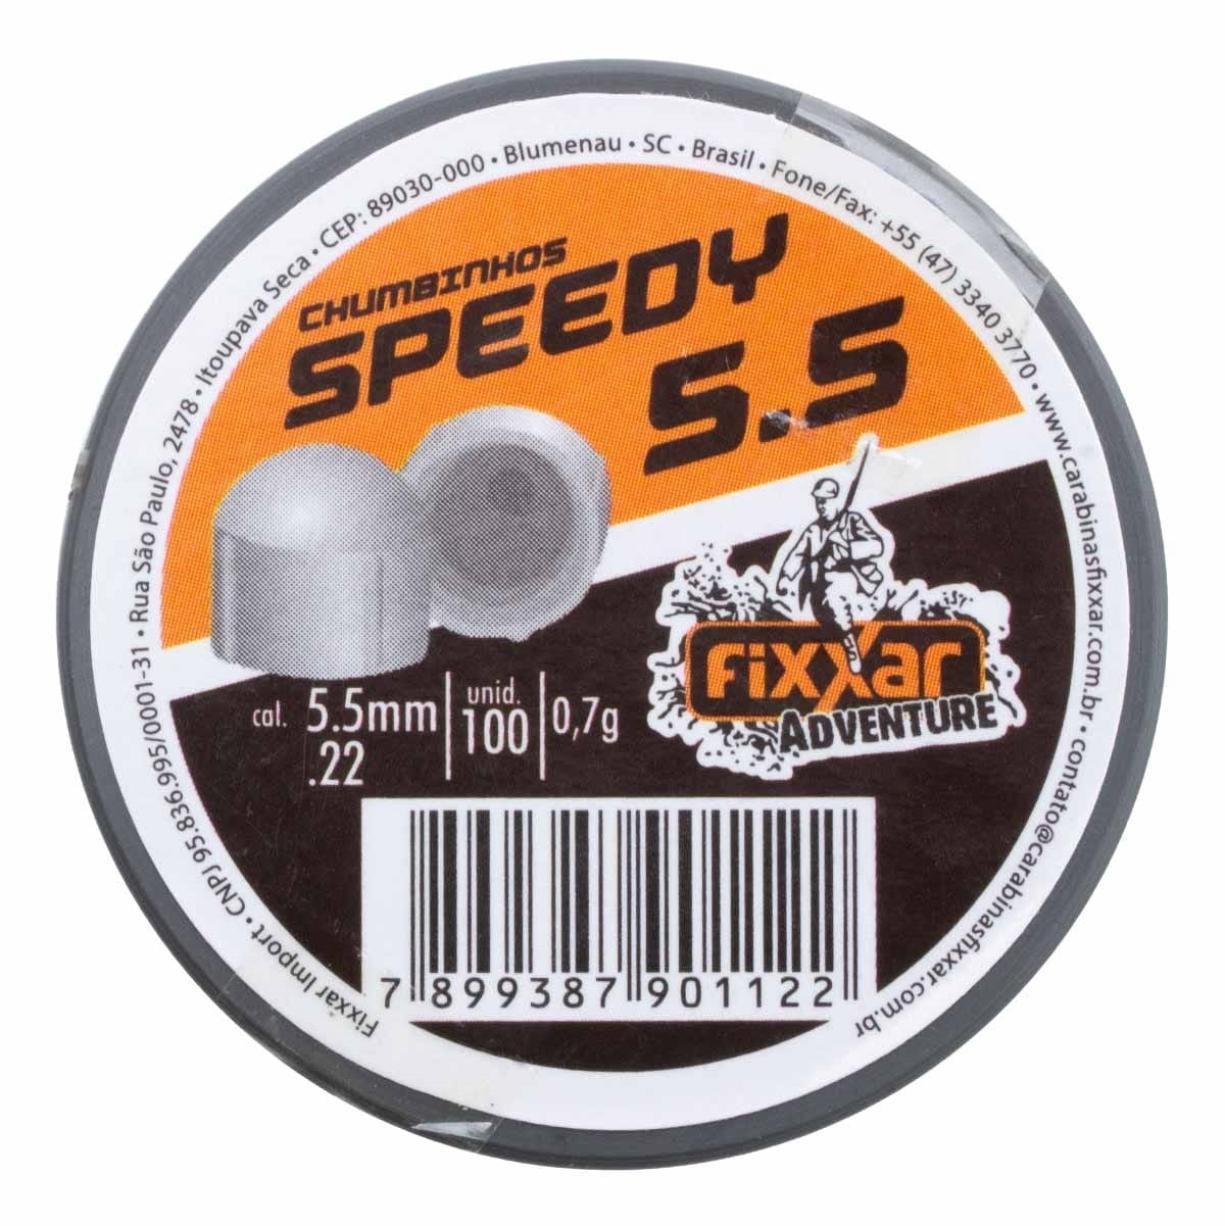 Chumbinho Speedy 5.5mm com 100 unidades